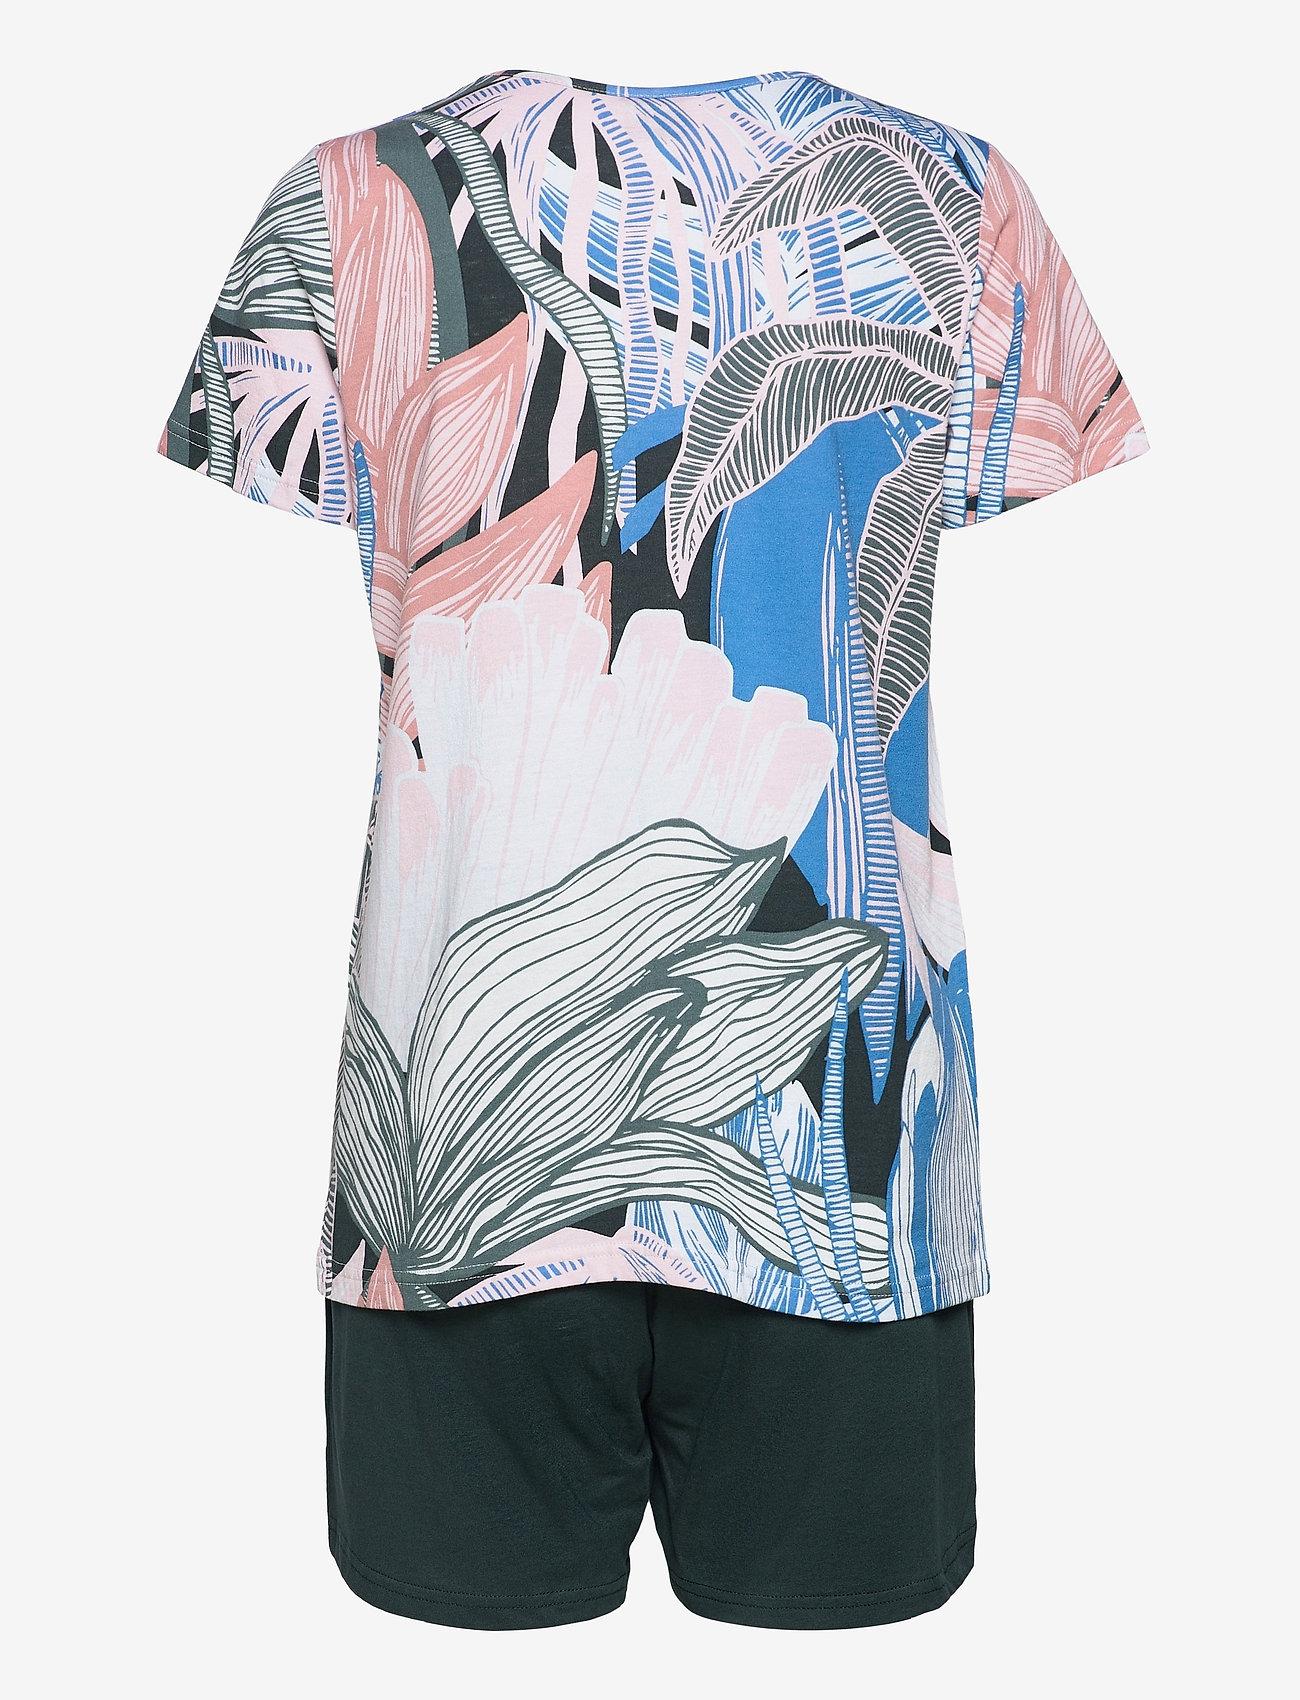 Nanso - Ladies shorts pyjamas, Tropiikki - pyjamas - multi-coloured - 1